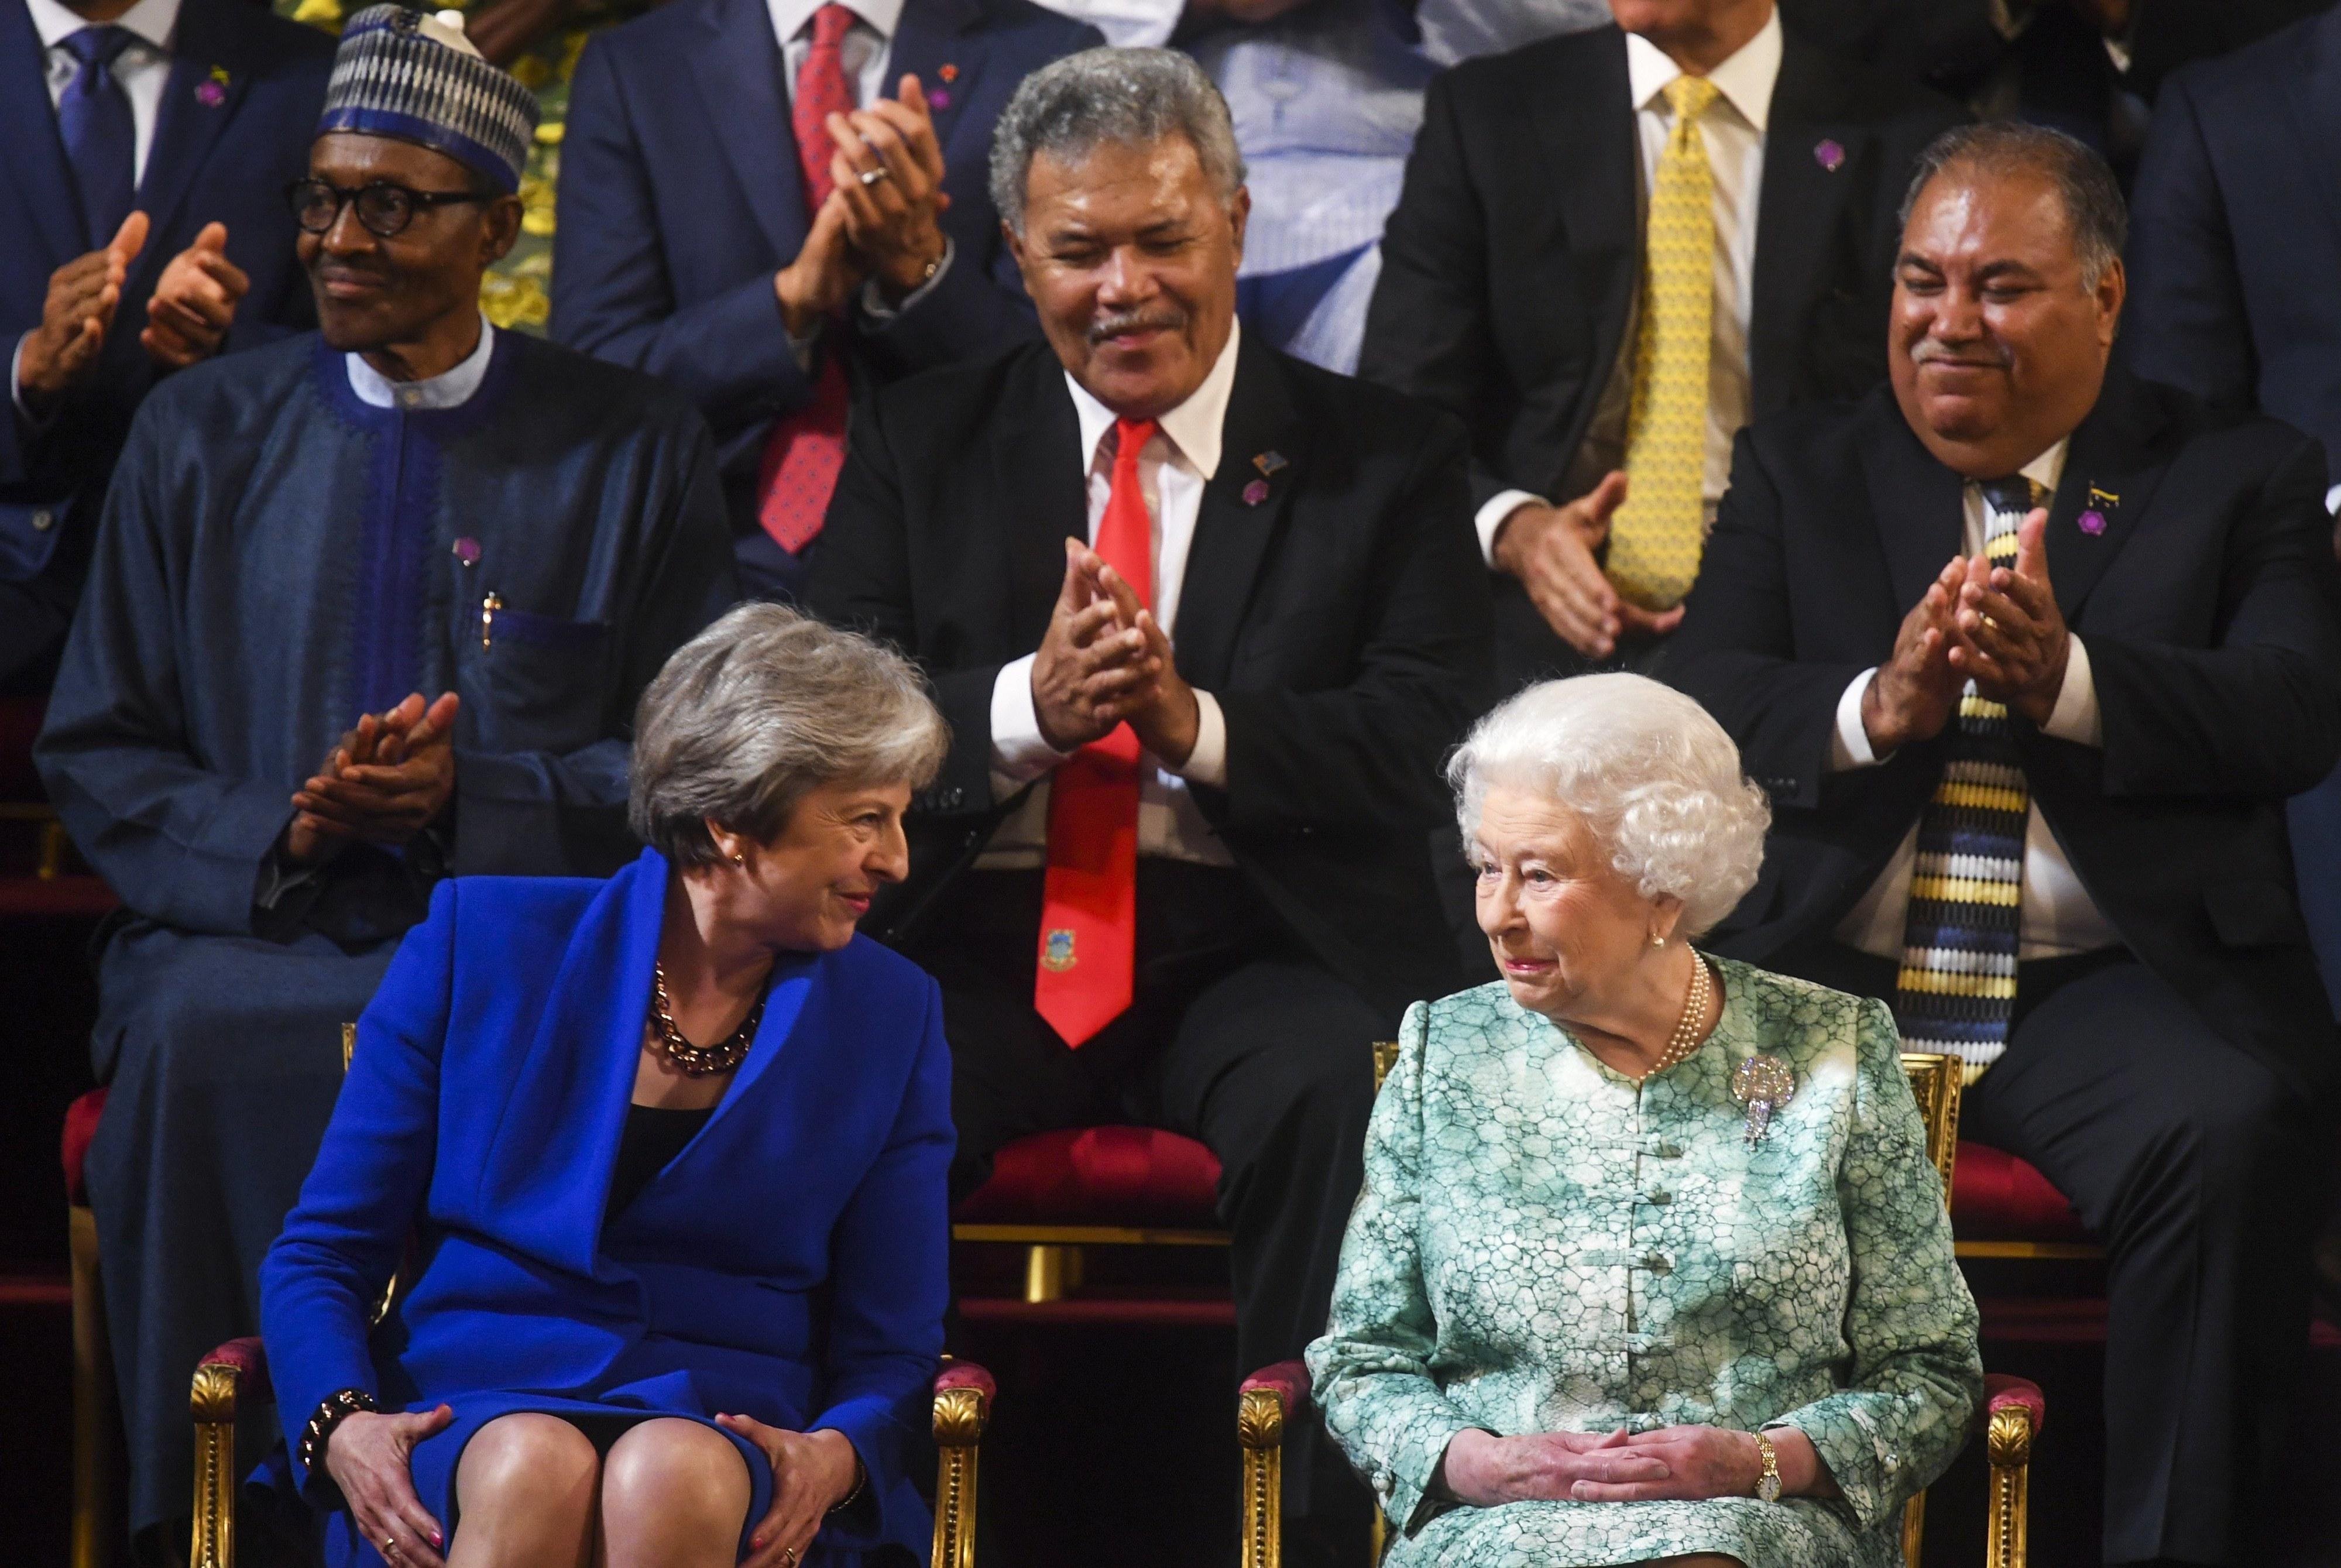 Rainha Isabel II celebra 92º aniversário em concerto com Sting, Tom Jones ou Kylie Minogue